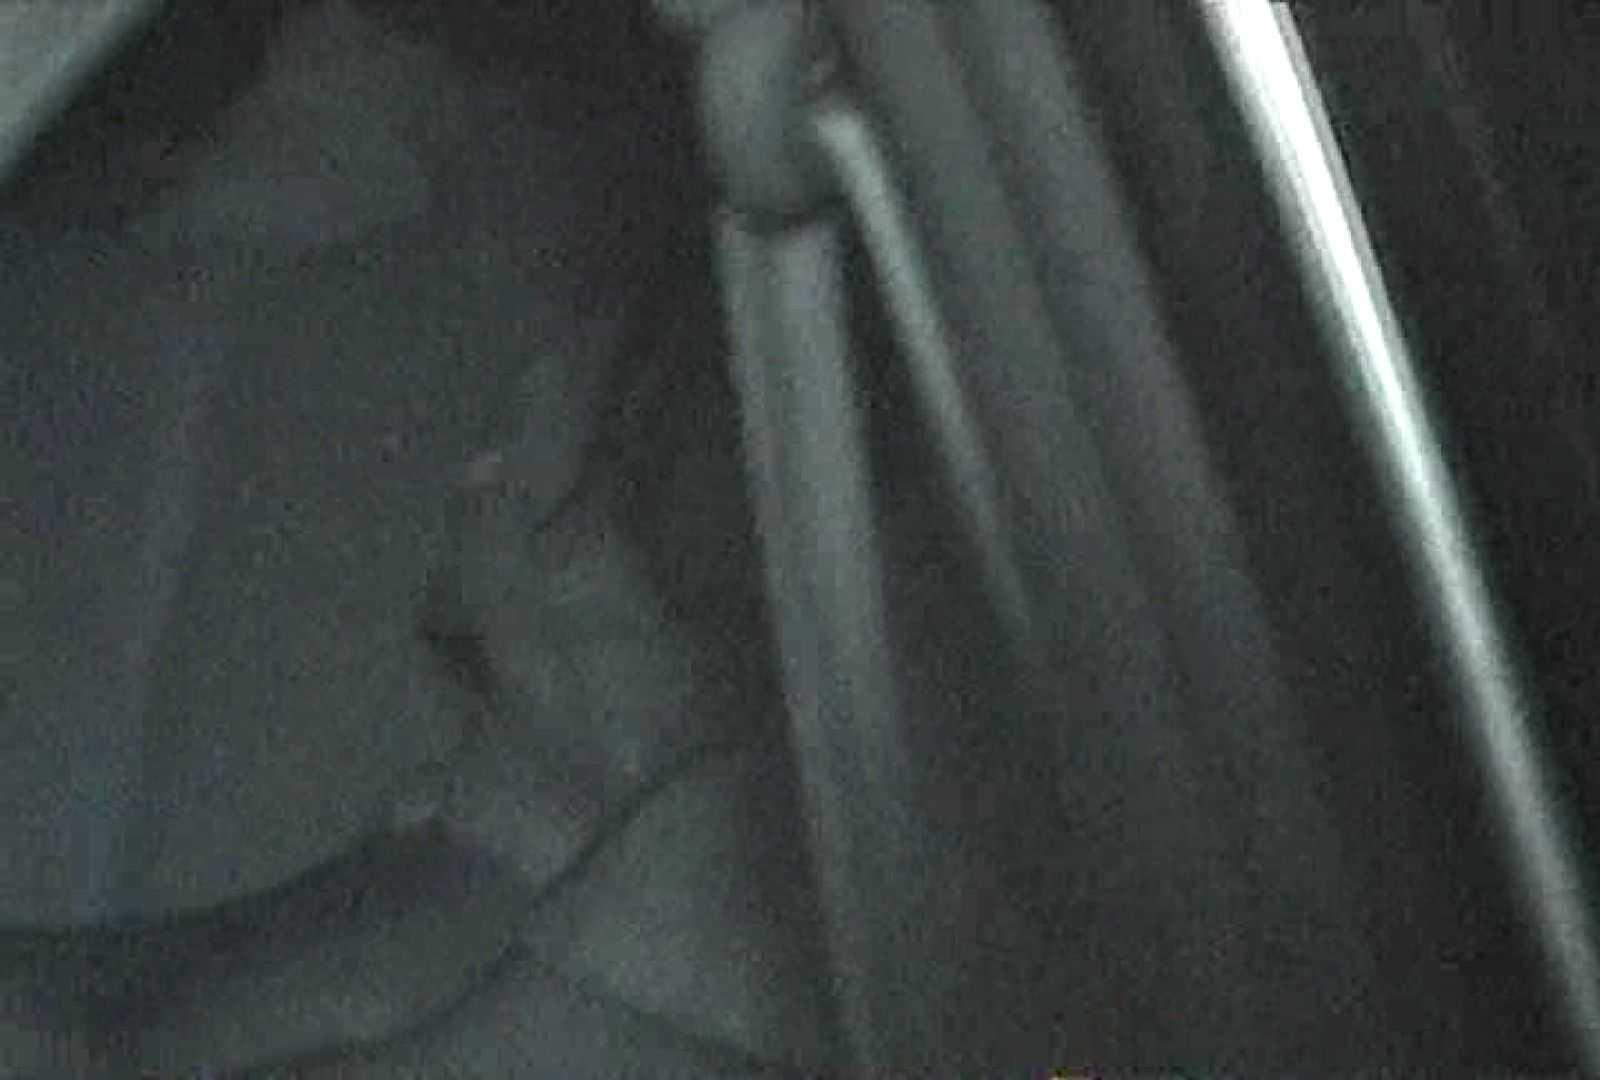 充血監督の深夜の運動会Vol.90 OLセックス 盗撮動画紹介 110画像 12